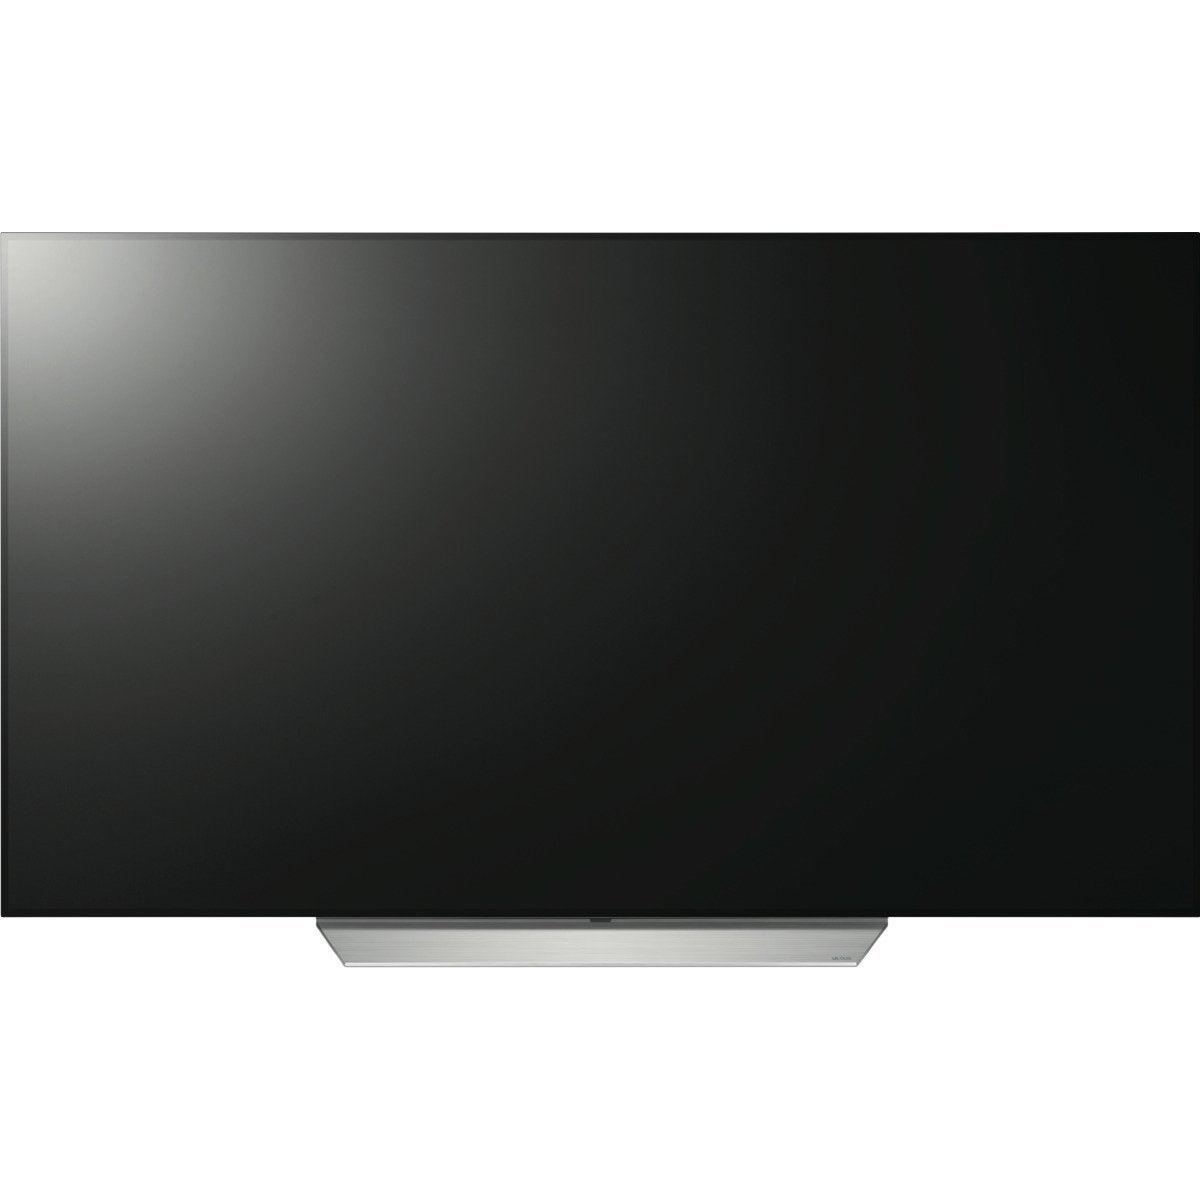 LG OLED65C7T 65inch UHD OLED TV